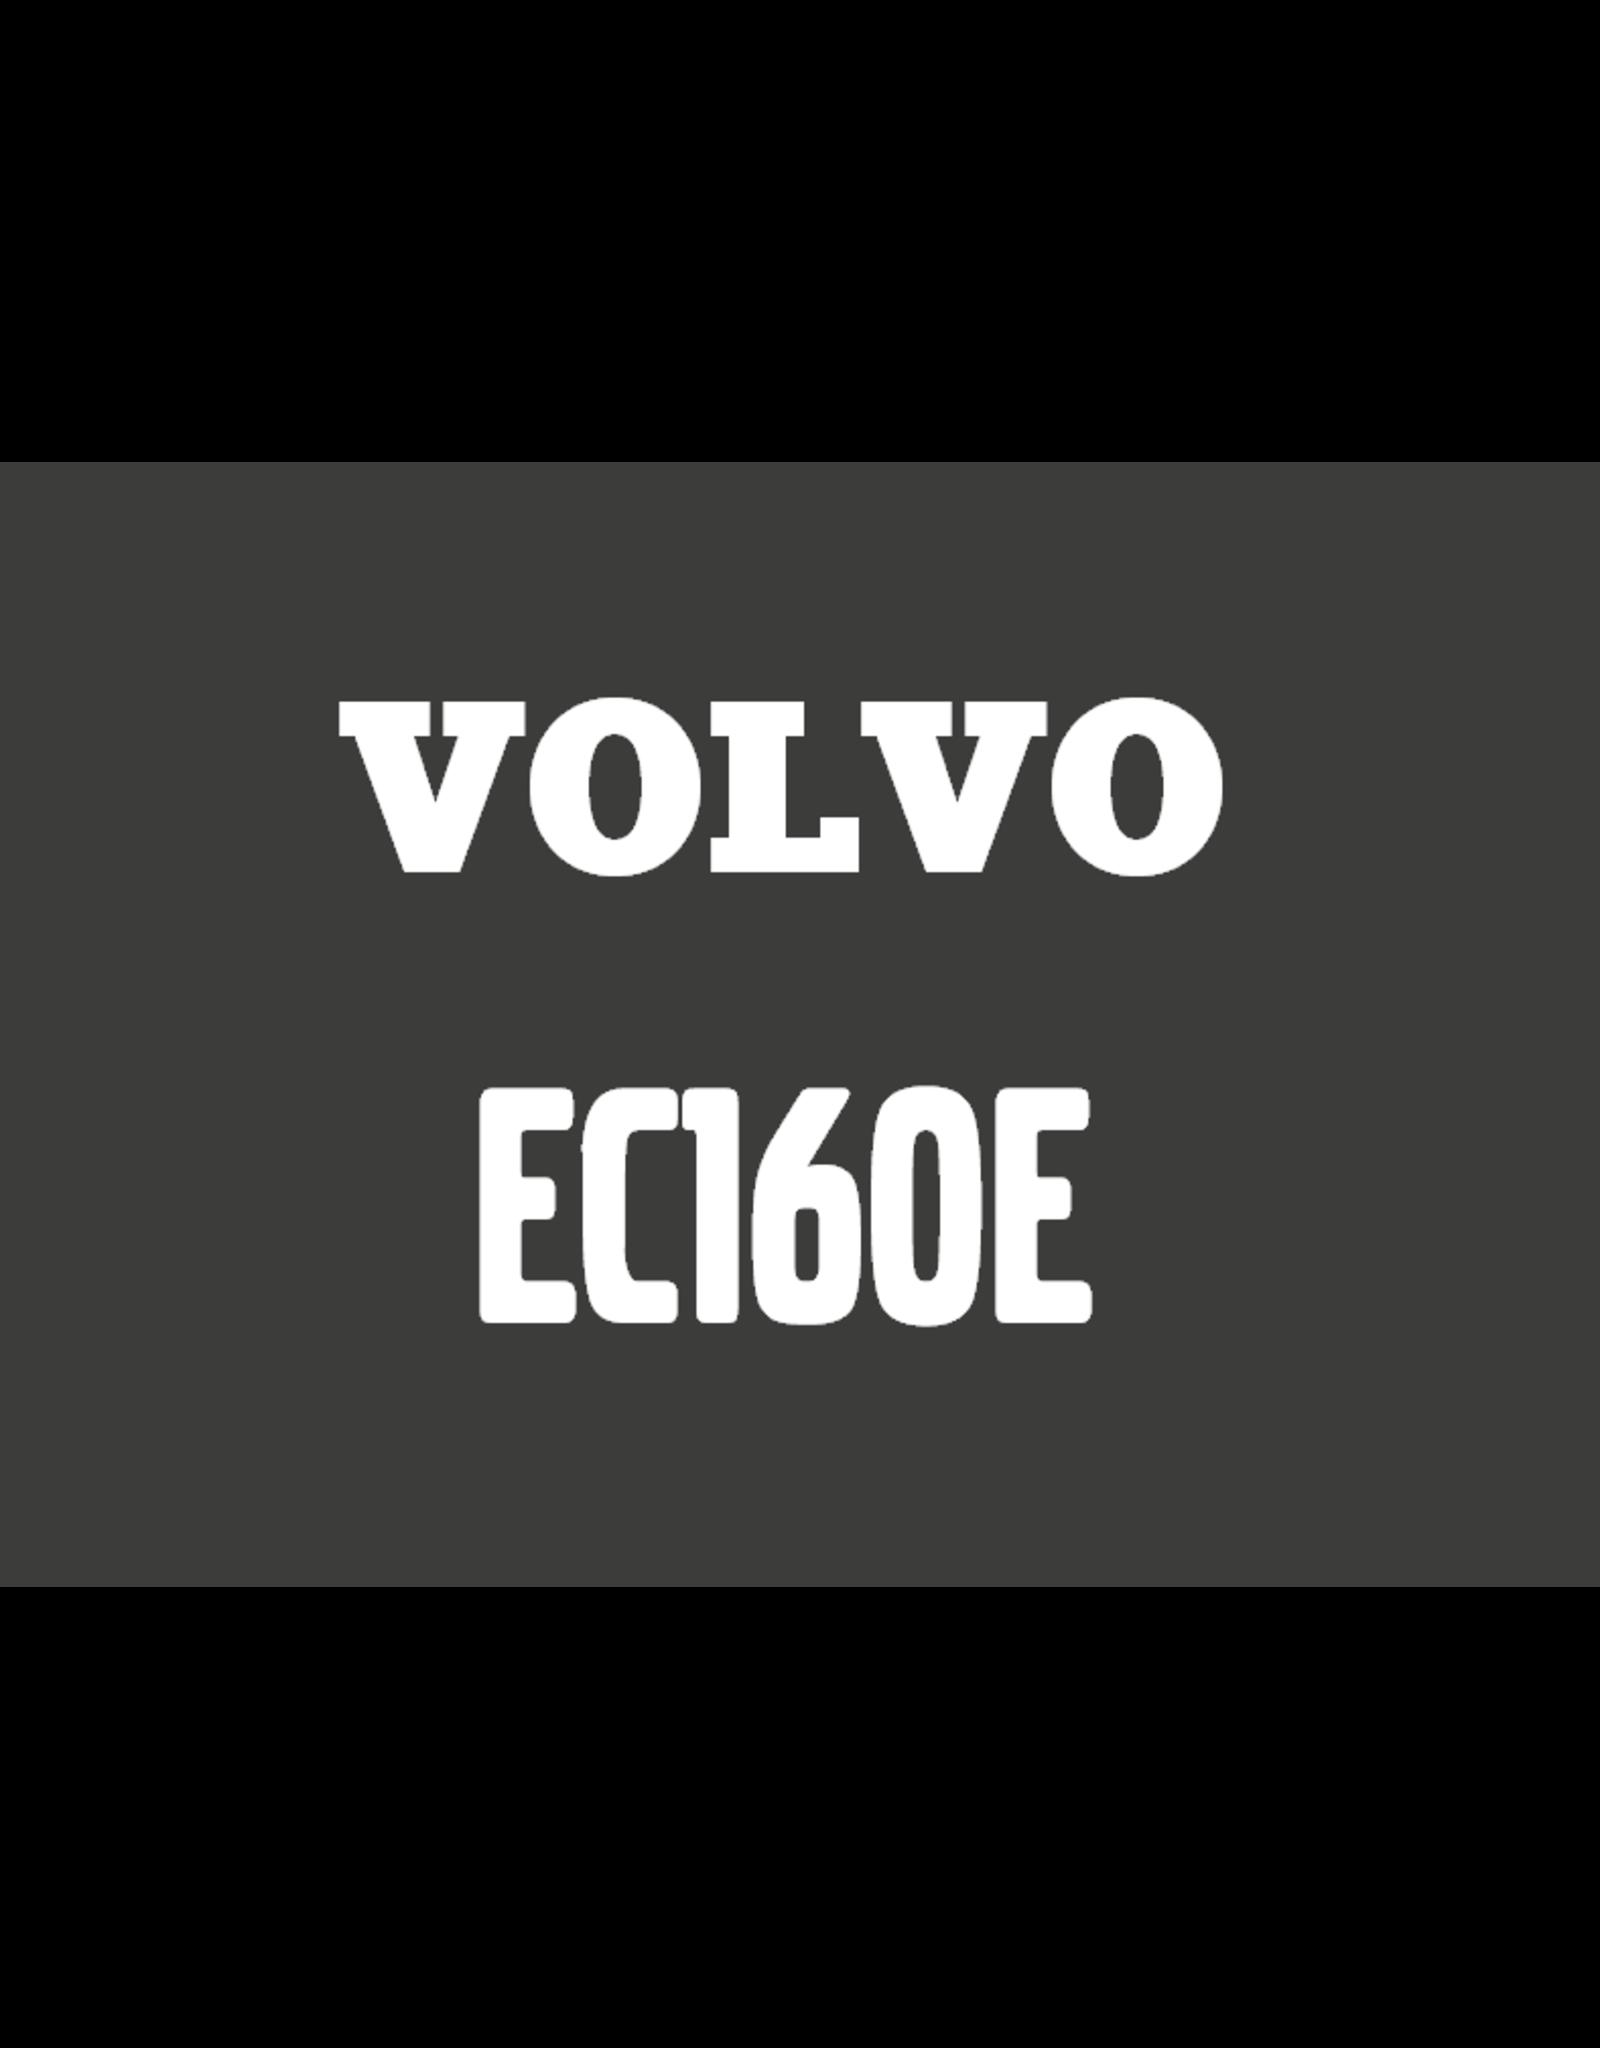 Echle Hartstahl GmbH FOPS for Volvo EC160E